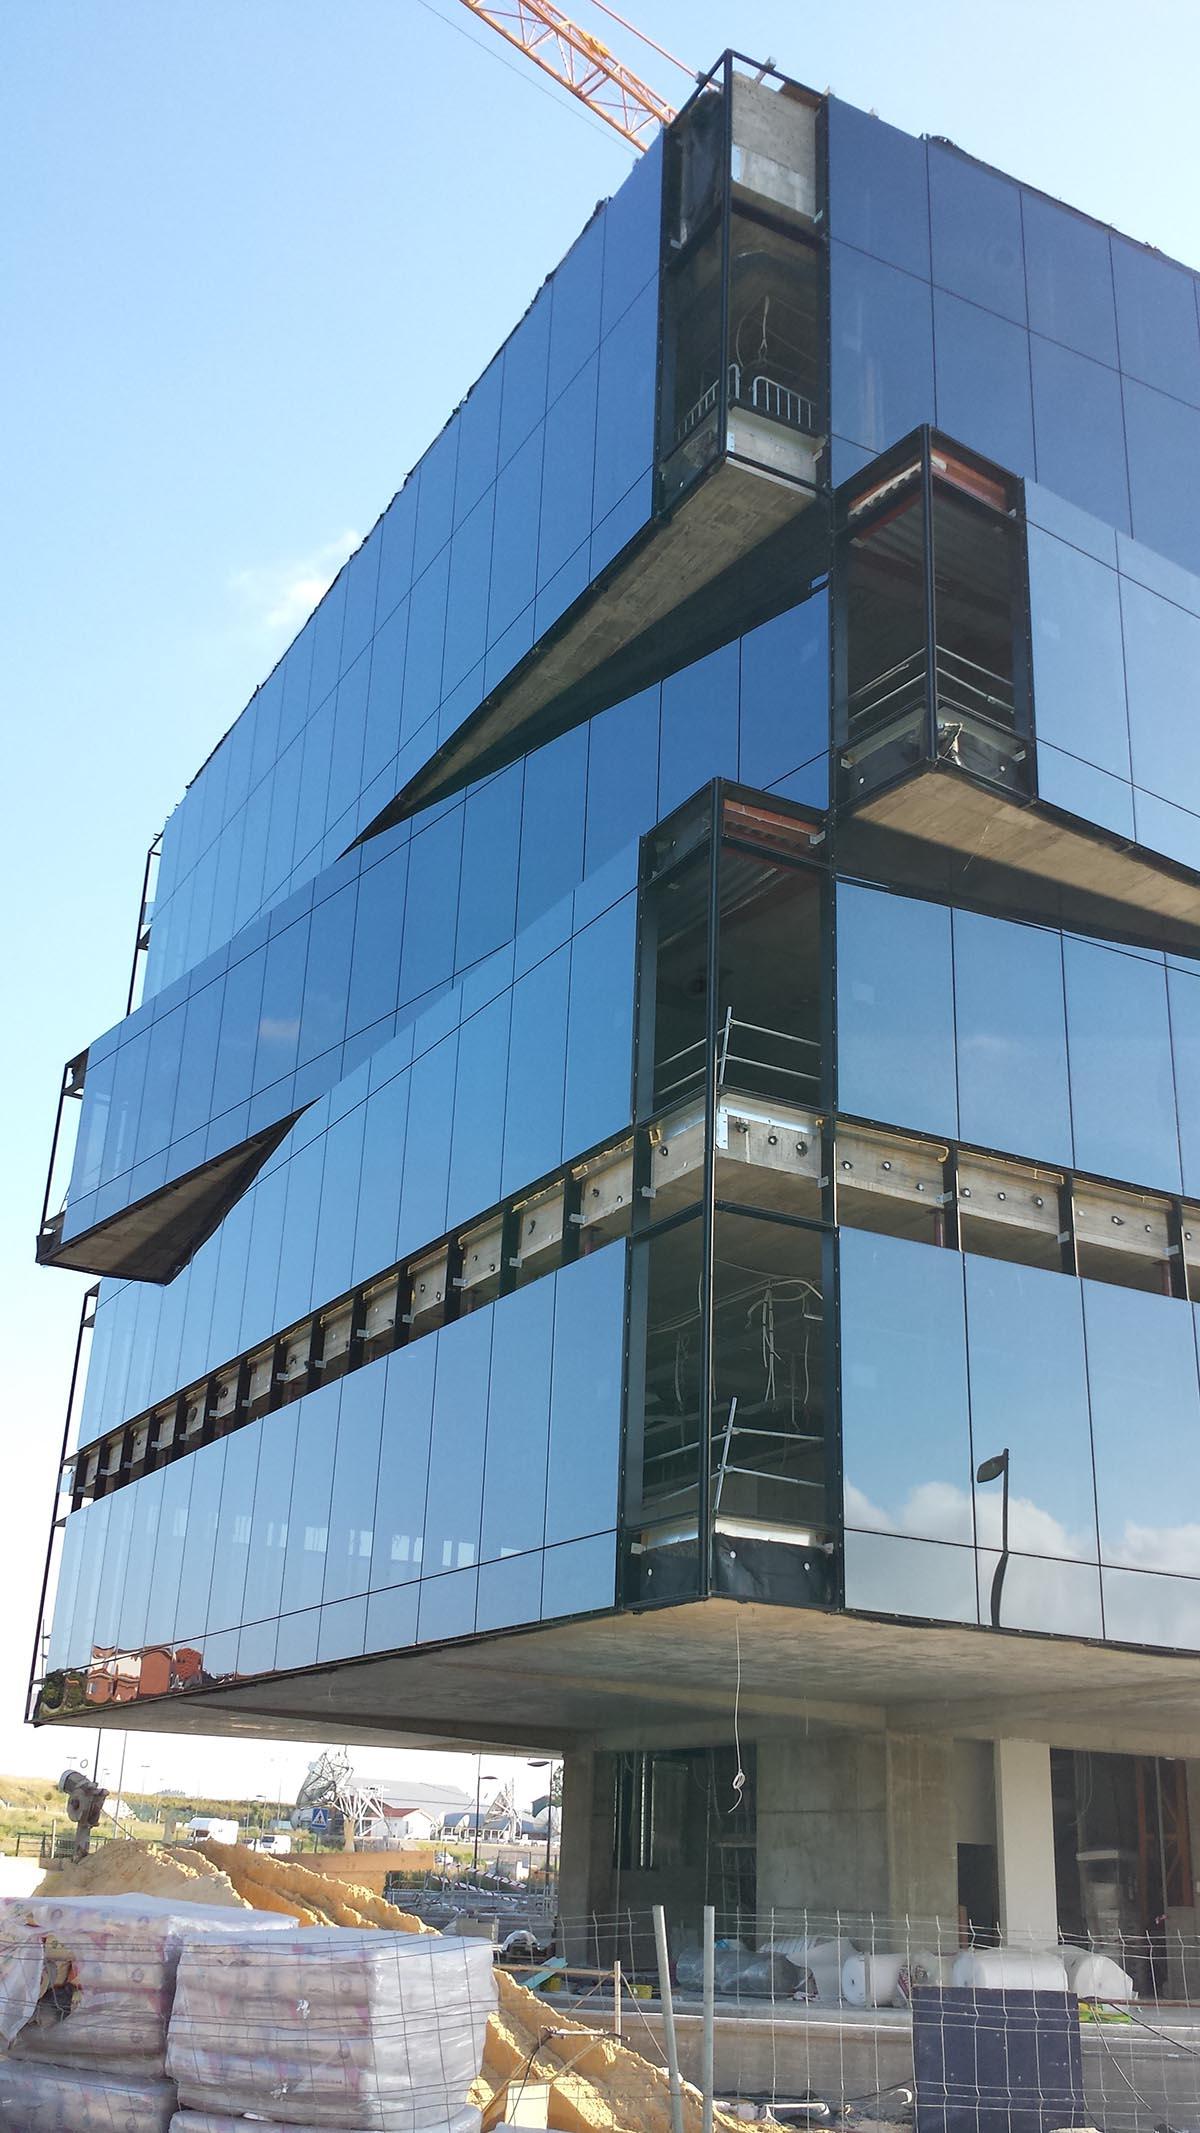 Galeria Centro de Innovación de Servicios Gestionados Avanzados (CISGA), Santander - 4 ?>